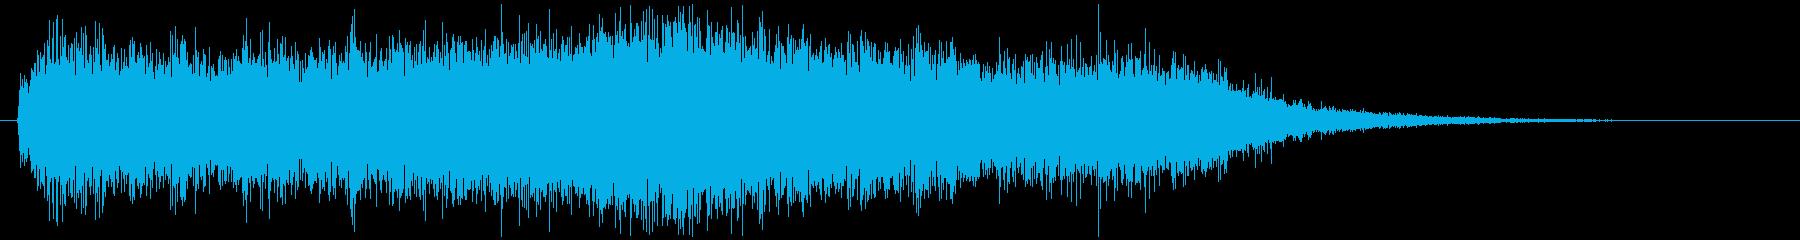 神秘的で幻想的なSFジングルの再生済みの波形